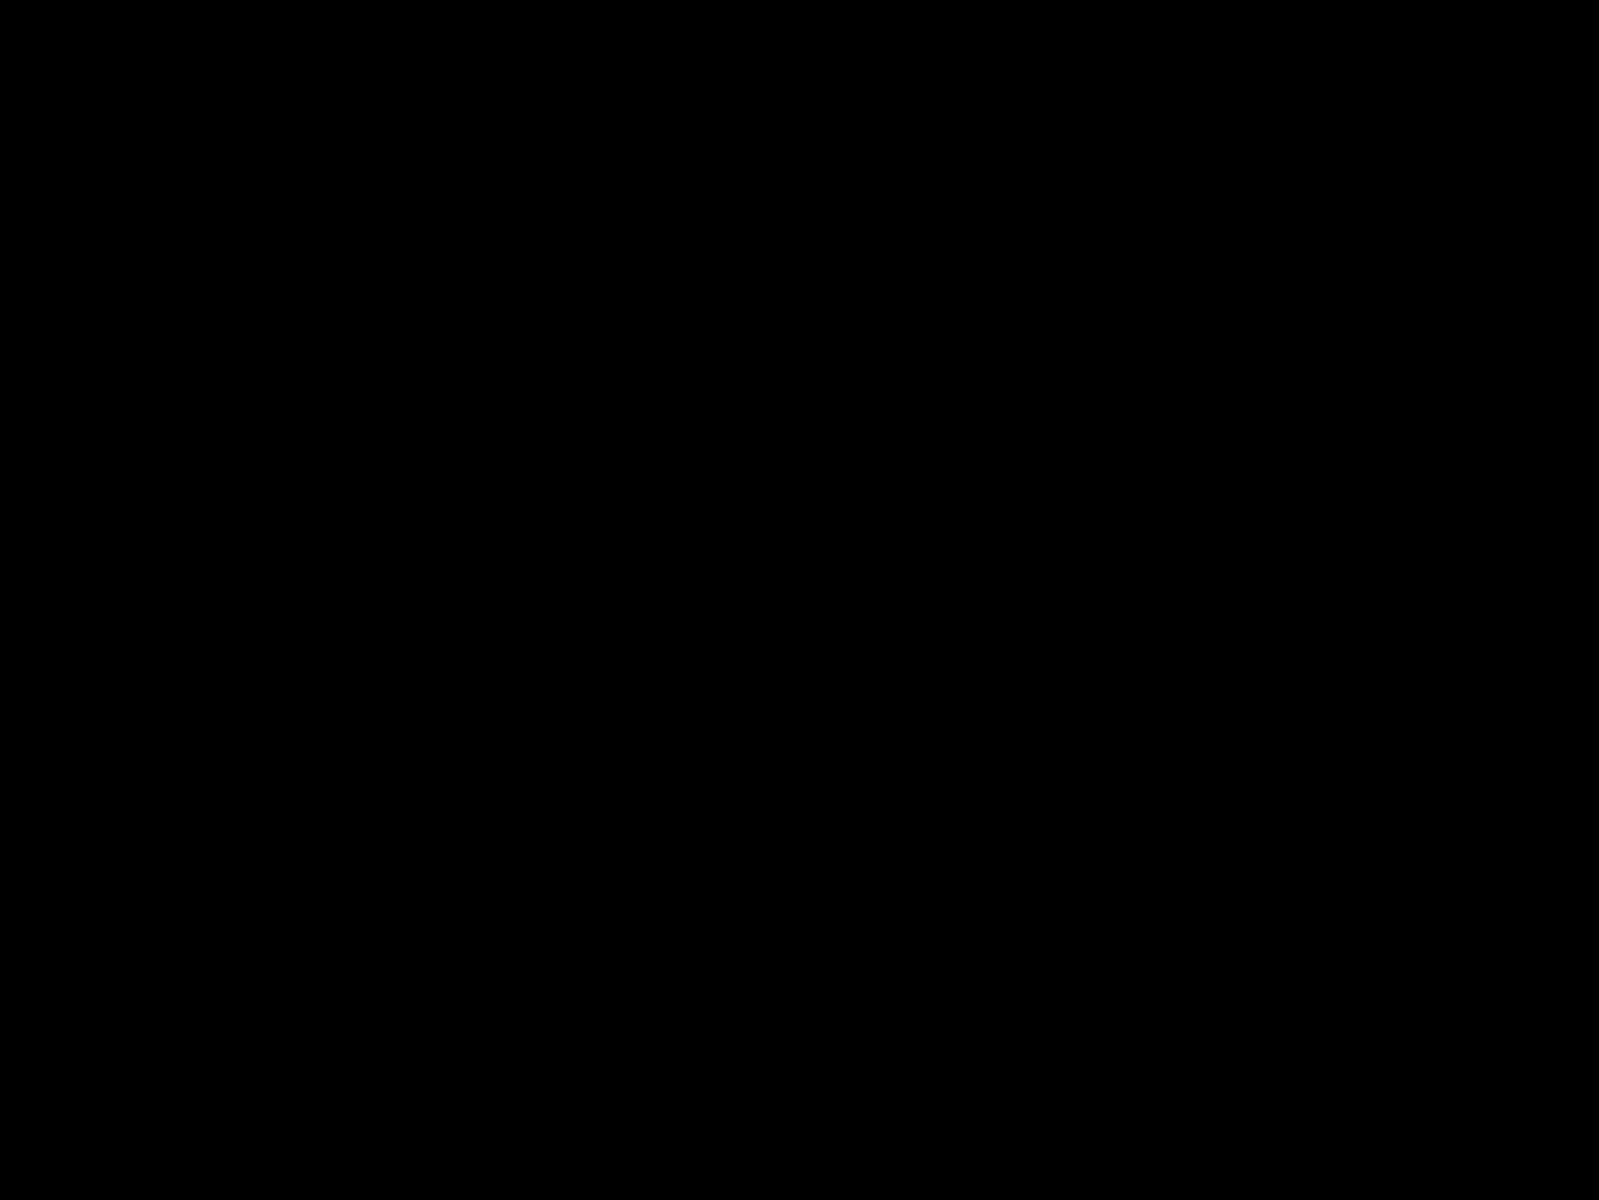 PV-ANLAGEN IN DER BUCKLIGEN WELT